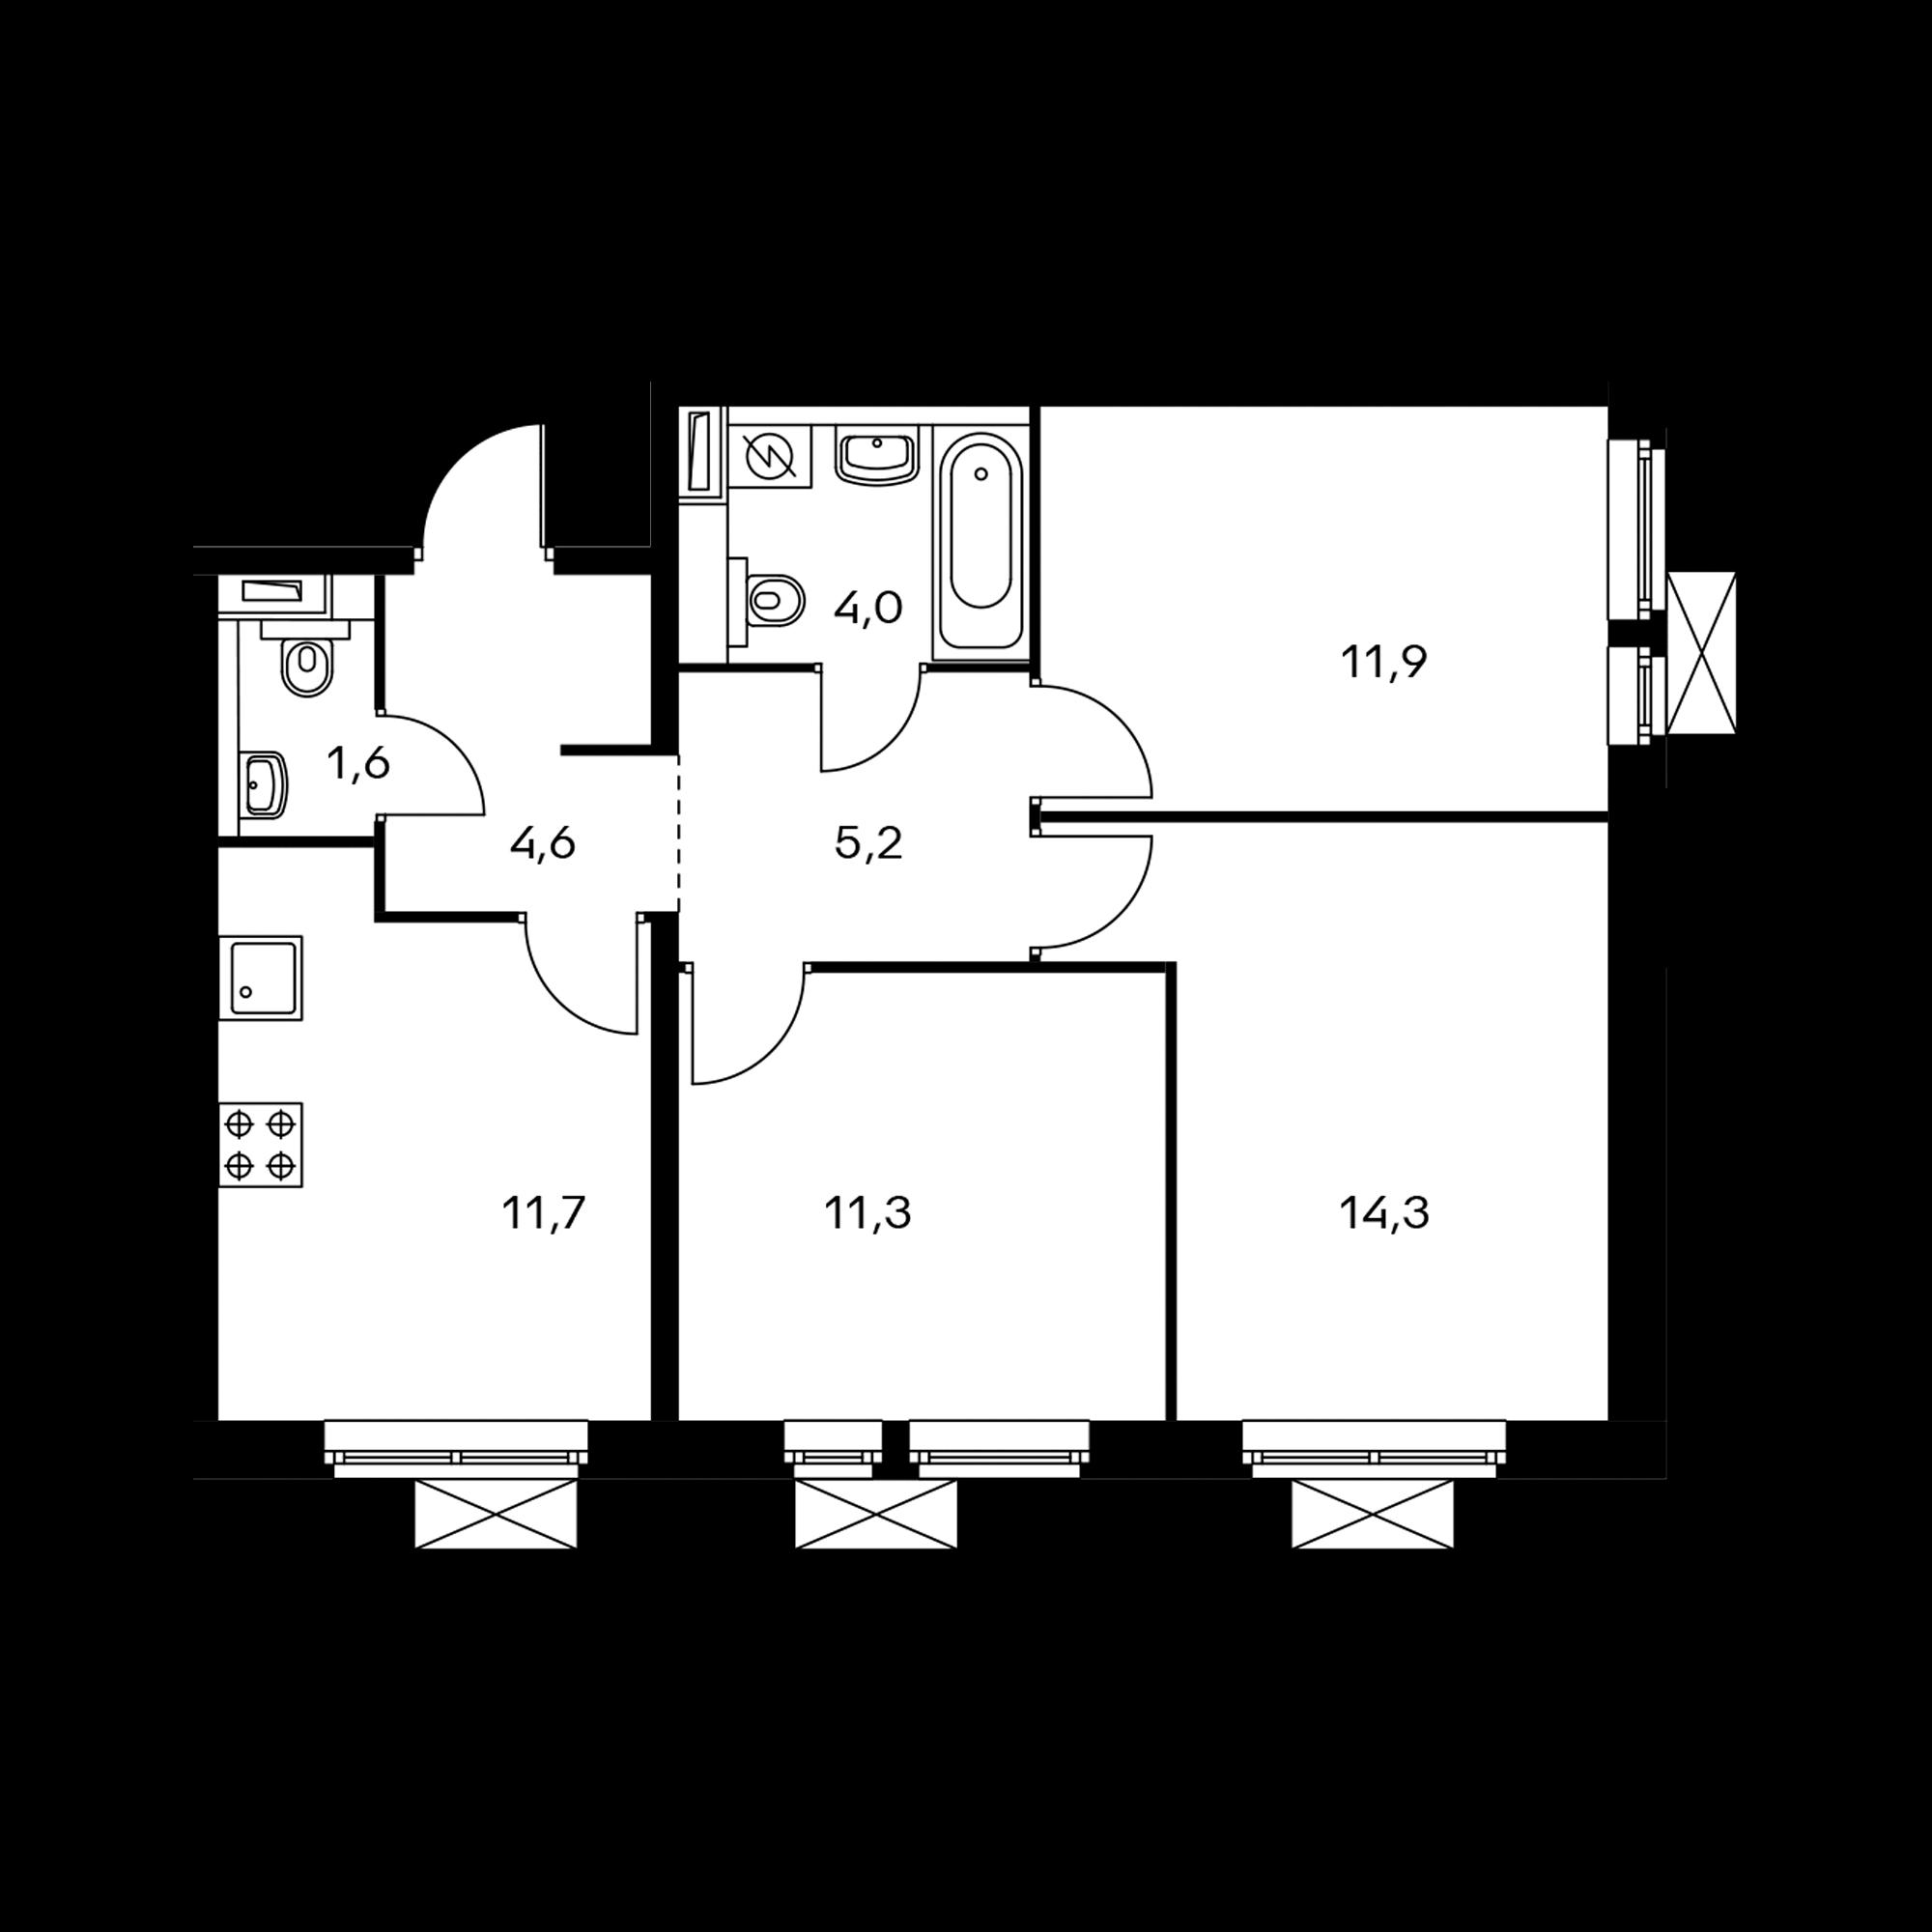 3-комнатная 64.6 м²